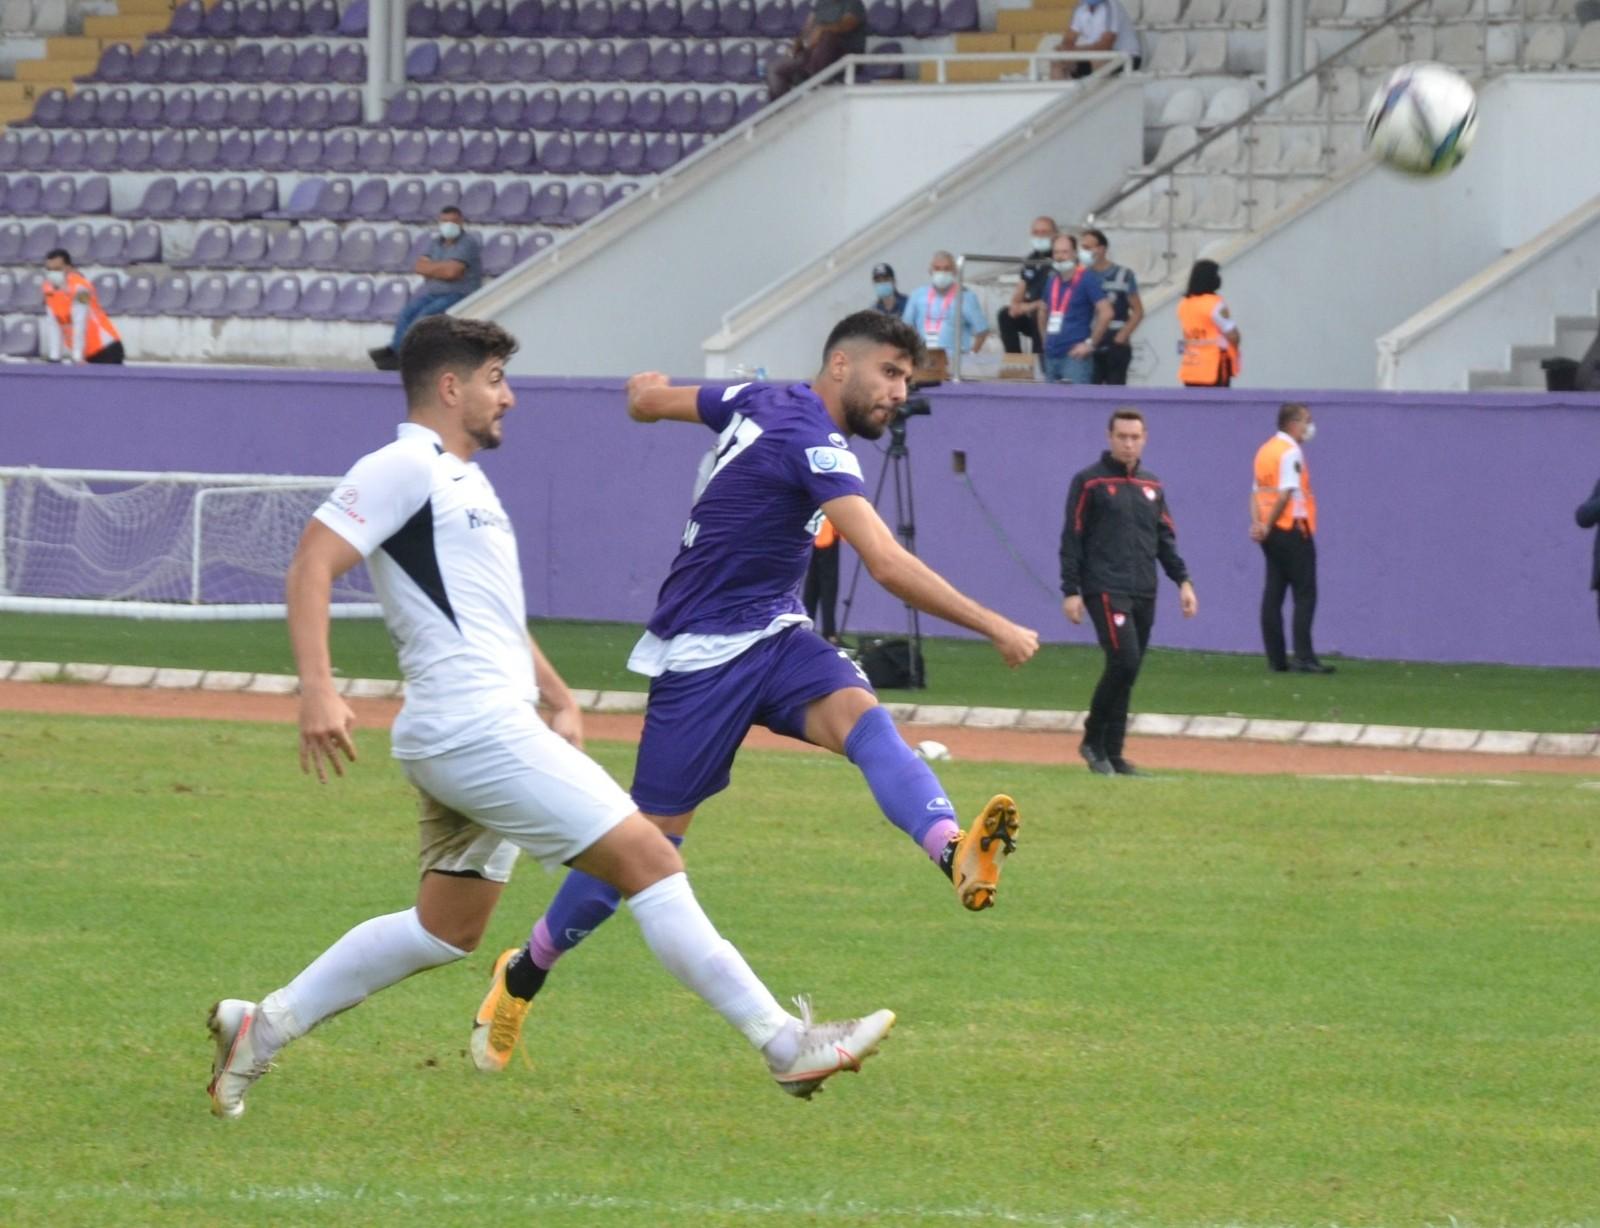 TFF 3. Lig: 52 Orduspor FK: 2 – 68 Aksaray Belediye Spor: 1